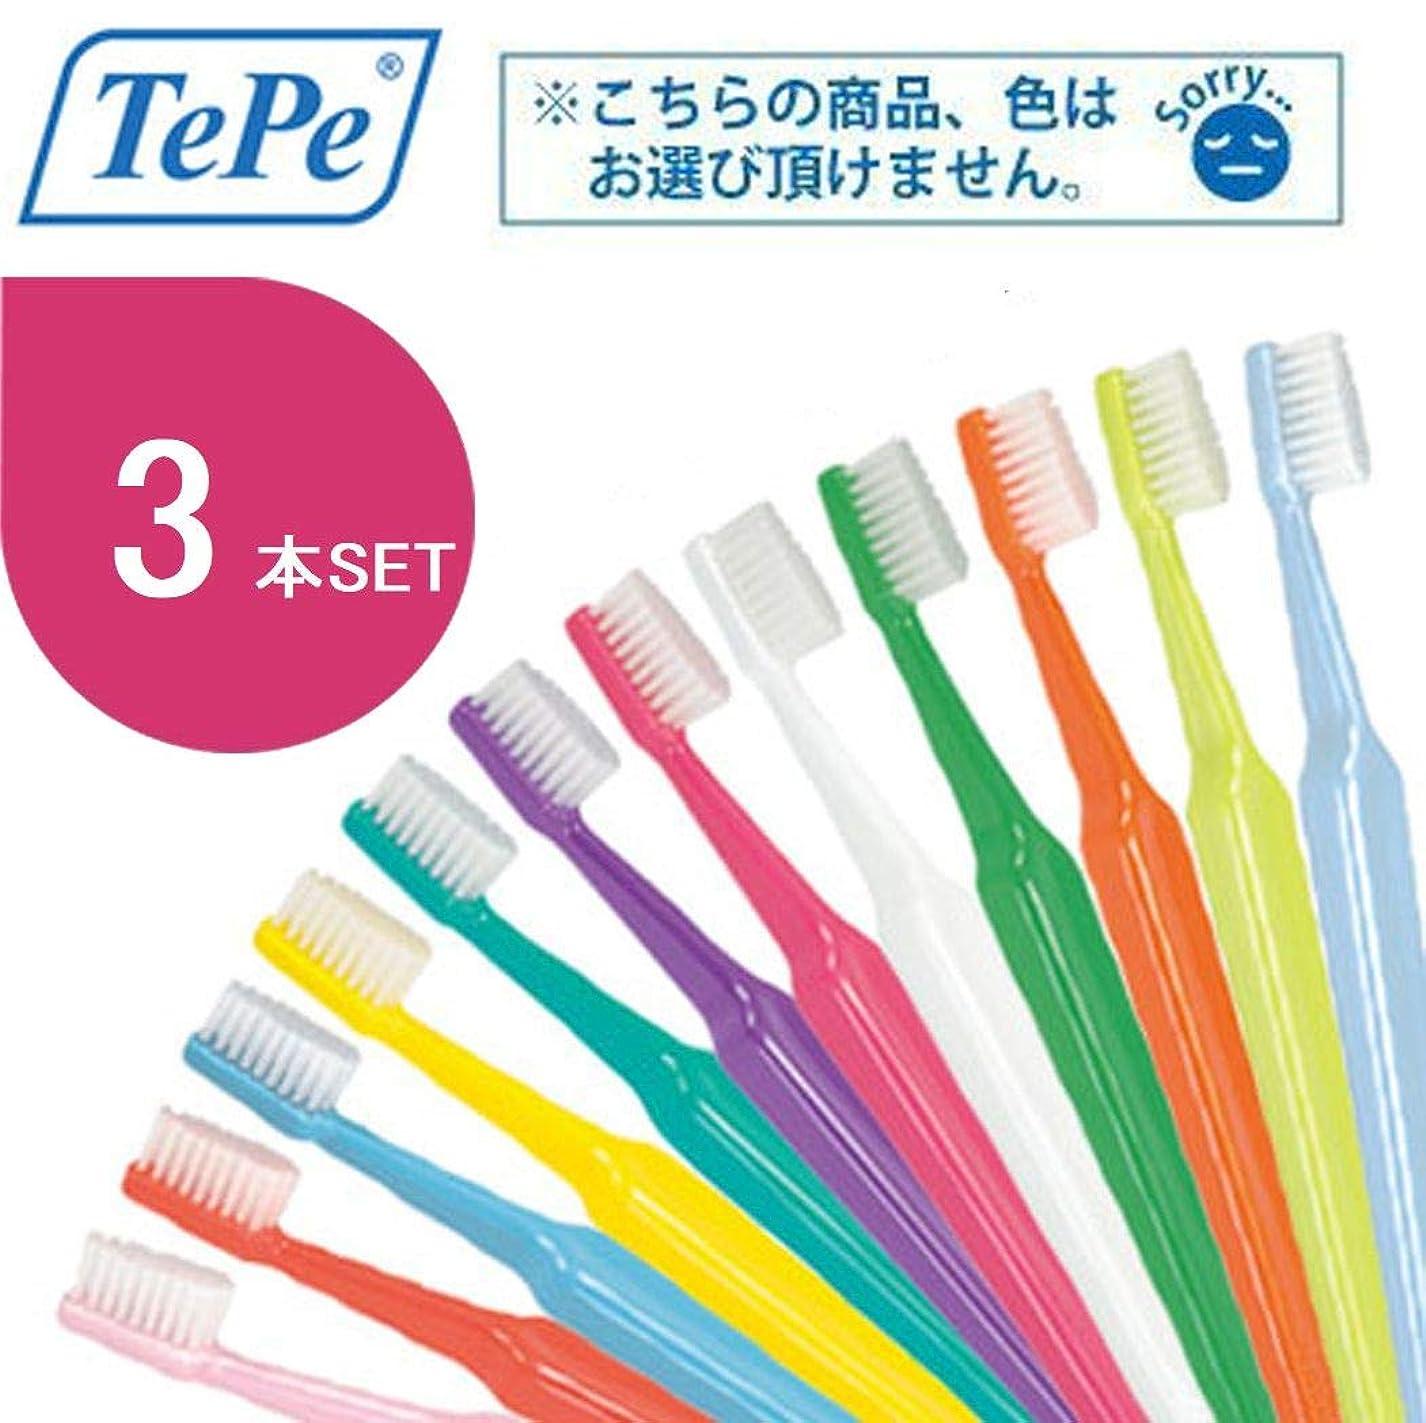 要旨証明する申請者クロスフィールド TePe テペ セレクト 歯ブラシ 3本 (ミディアム)